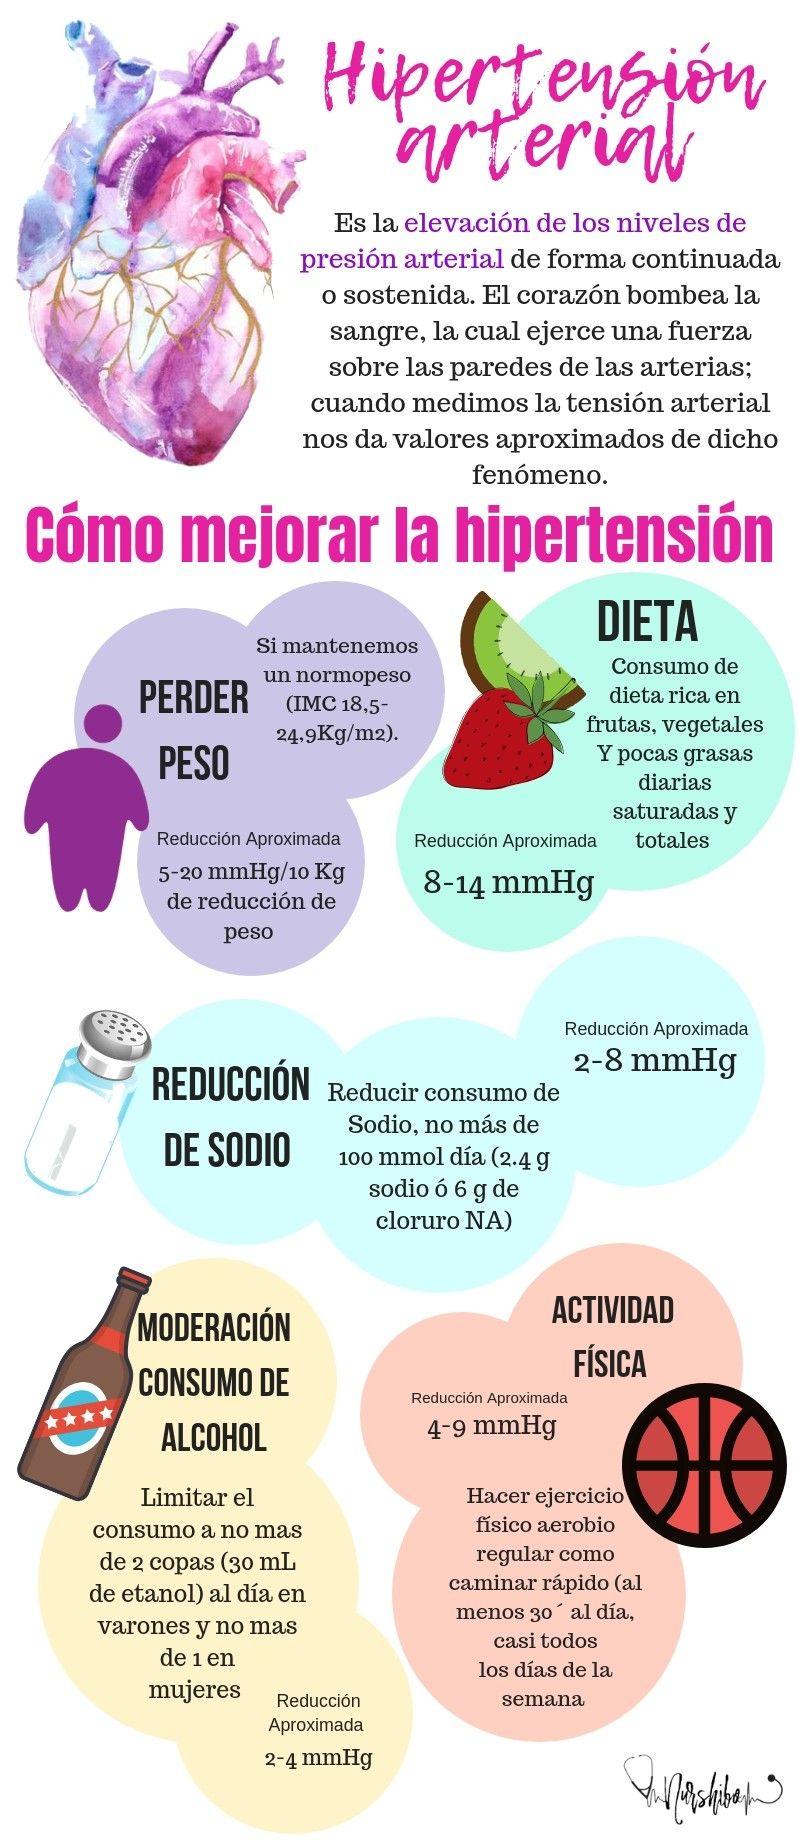 dieta de hipertensión de icu